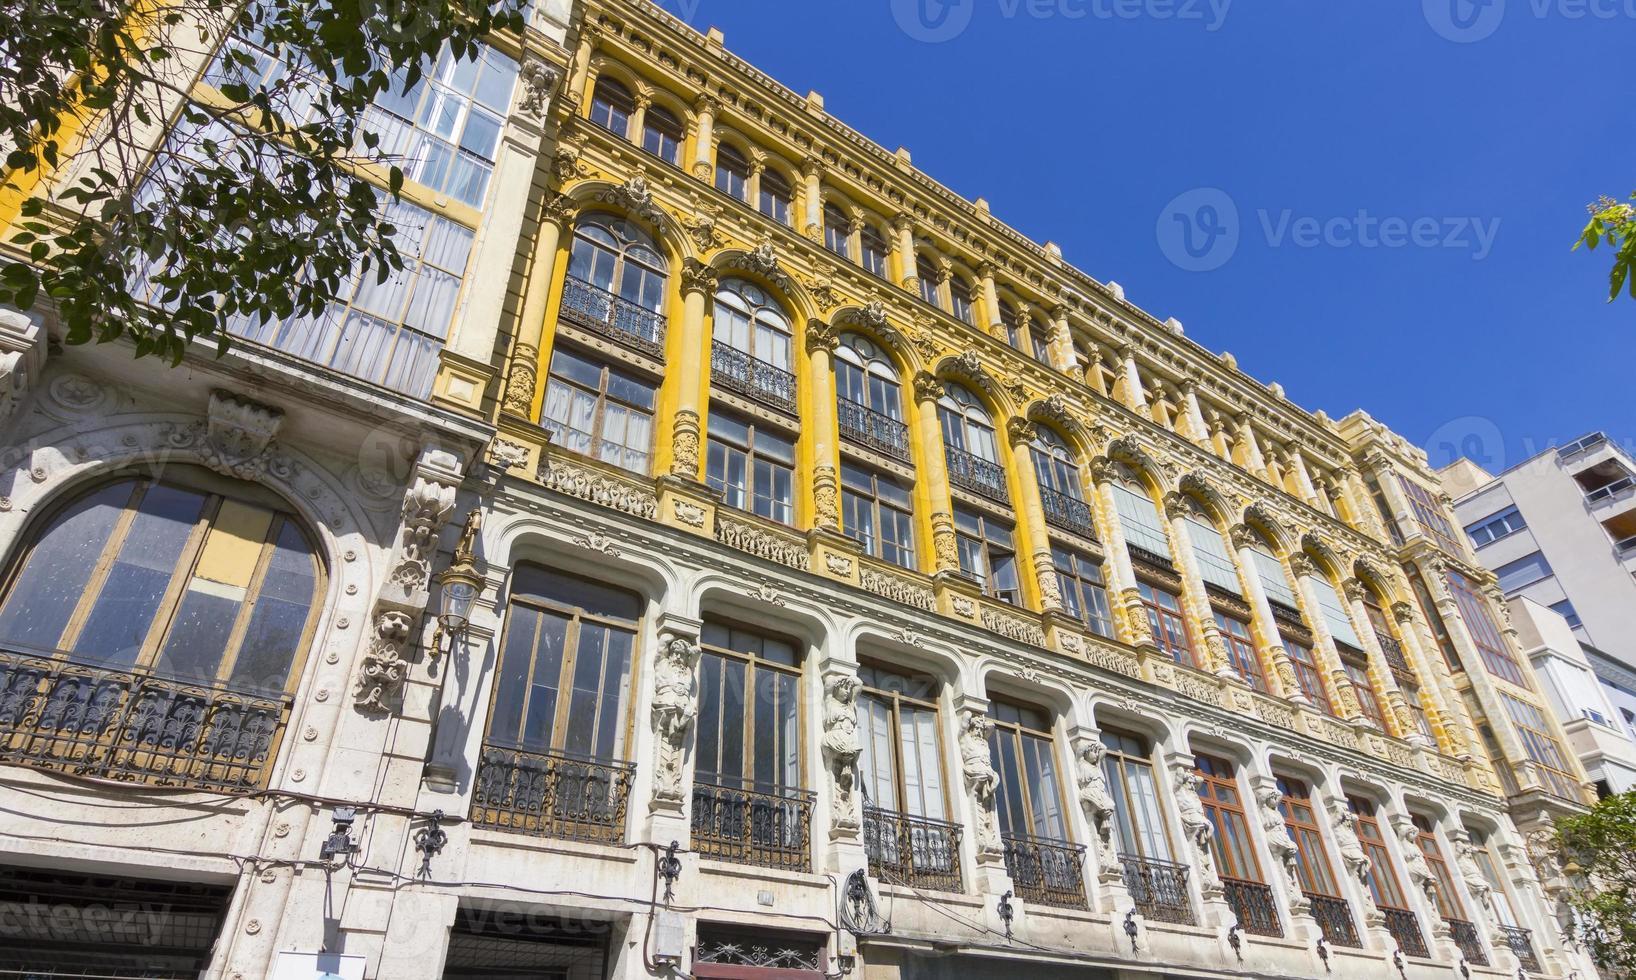 mooi oud gebouw met zeer versierde gevel en grote ramen foto